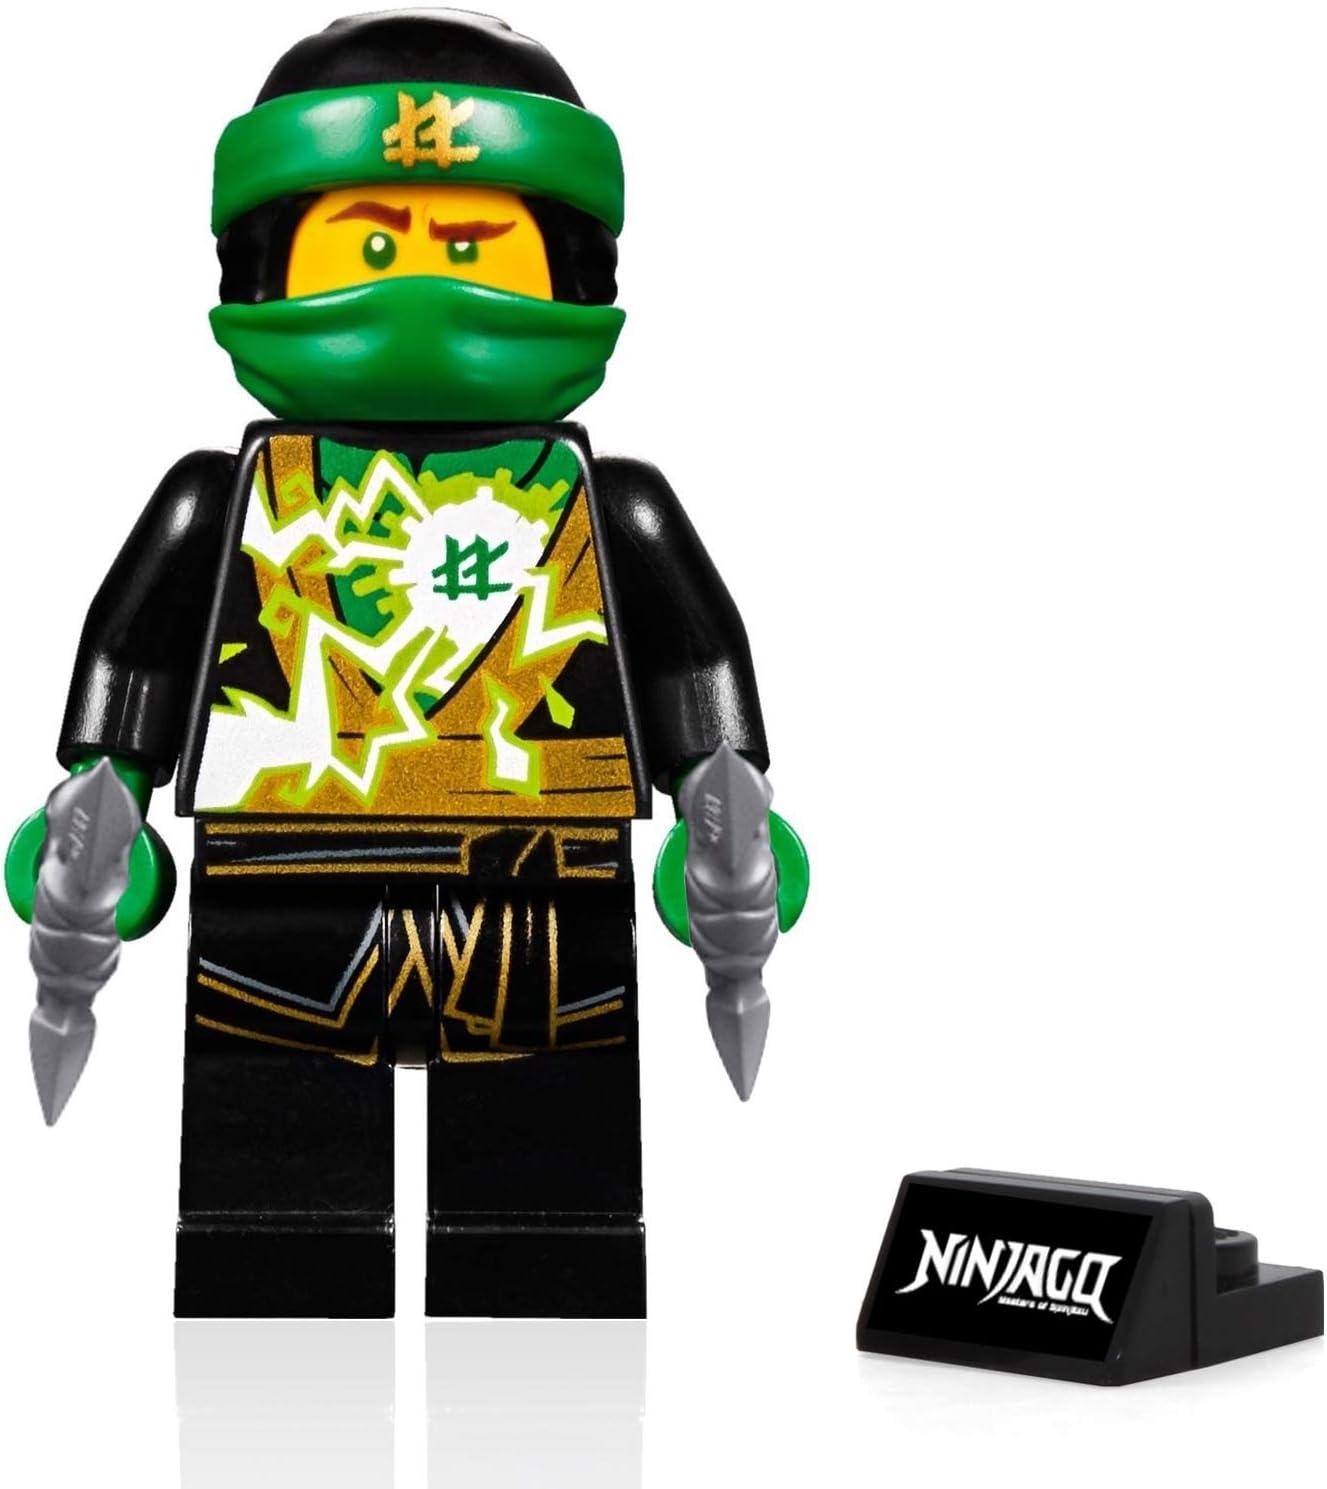 LEGO Ninjago Minifigure - Lloyd (Spinjitzu Masters) - Sons of Garmadon with Display Stand 70640